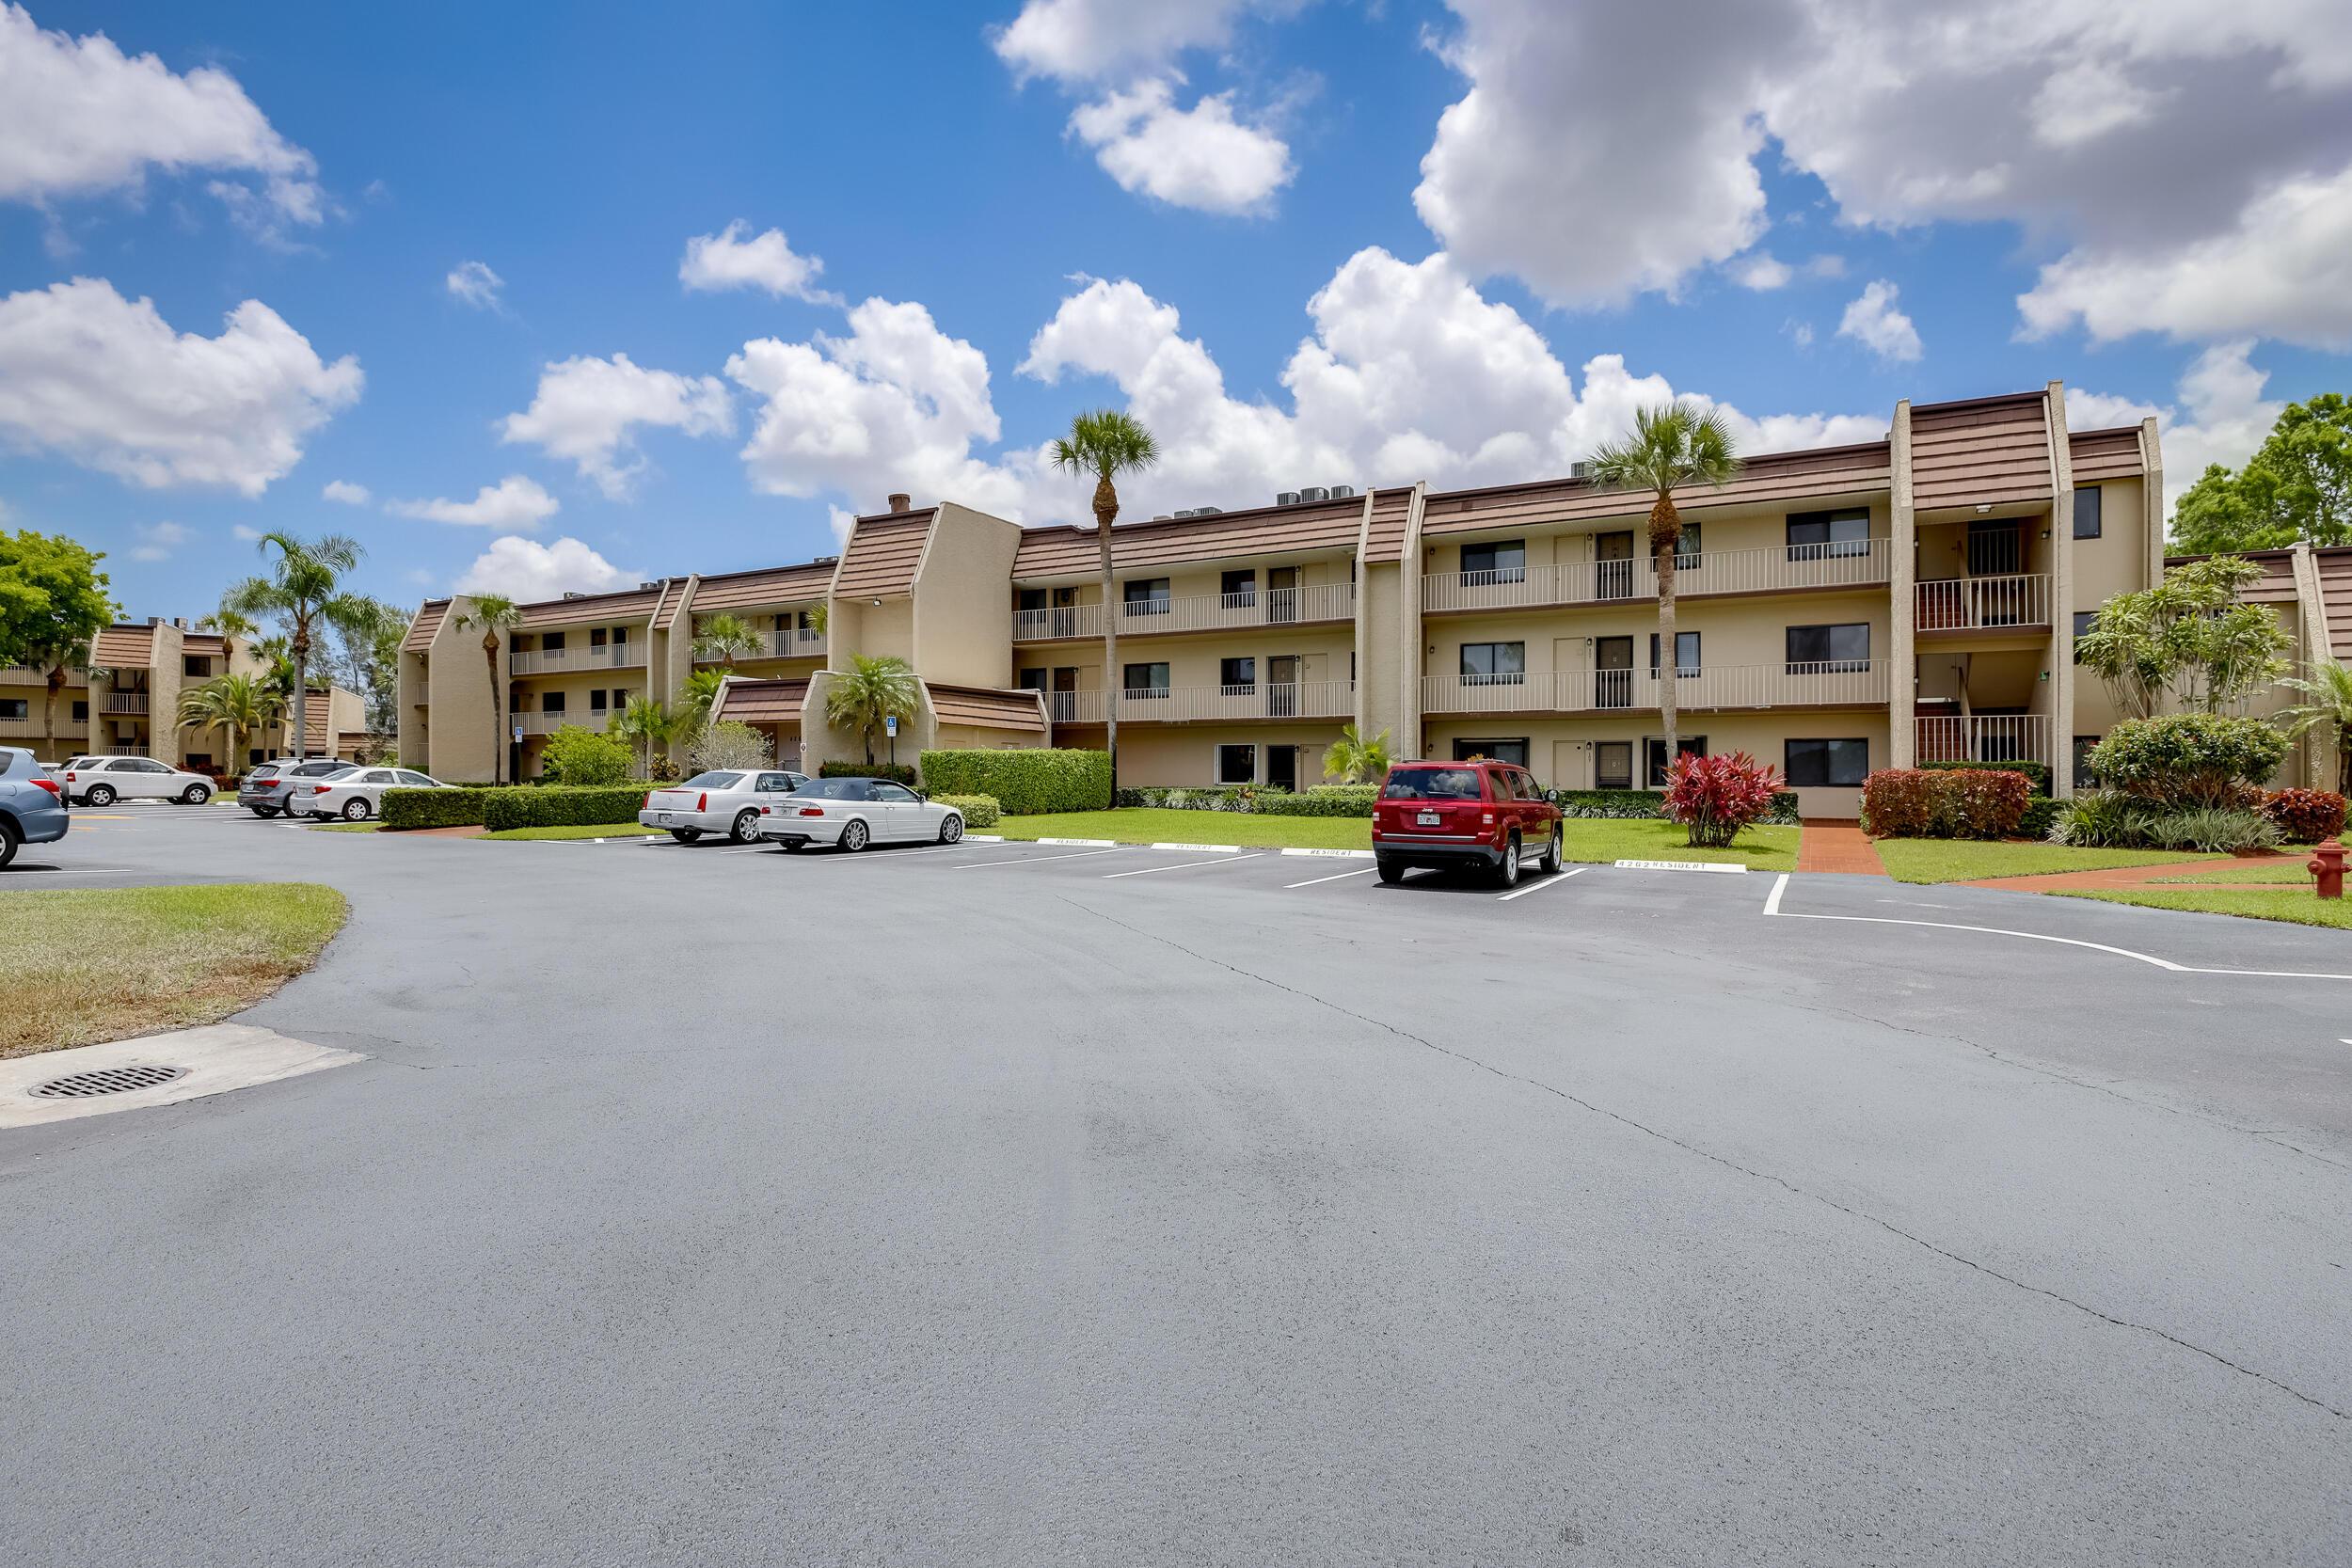 4260  Deste Court 205 For Sale 10718594, FL